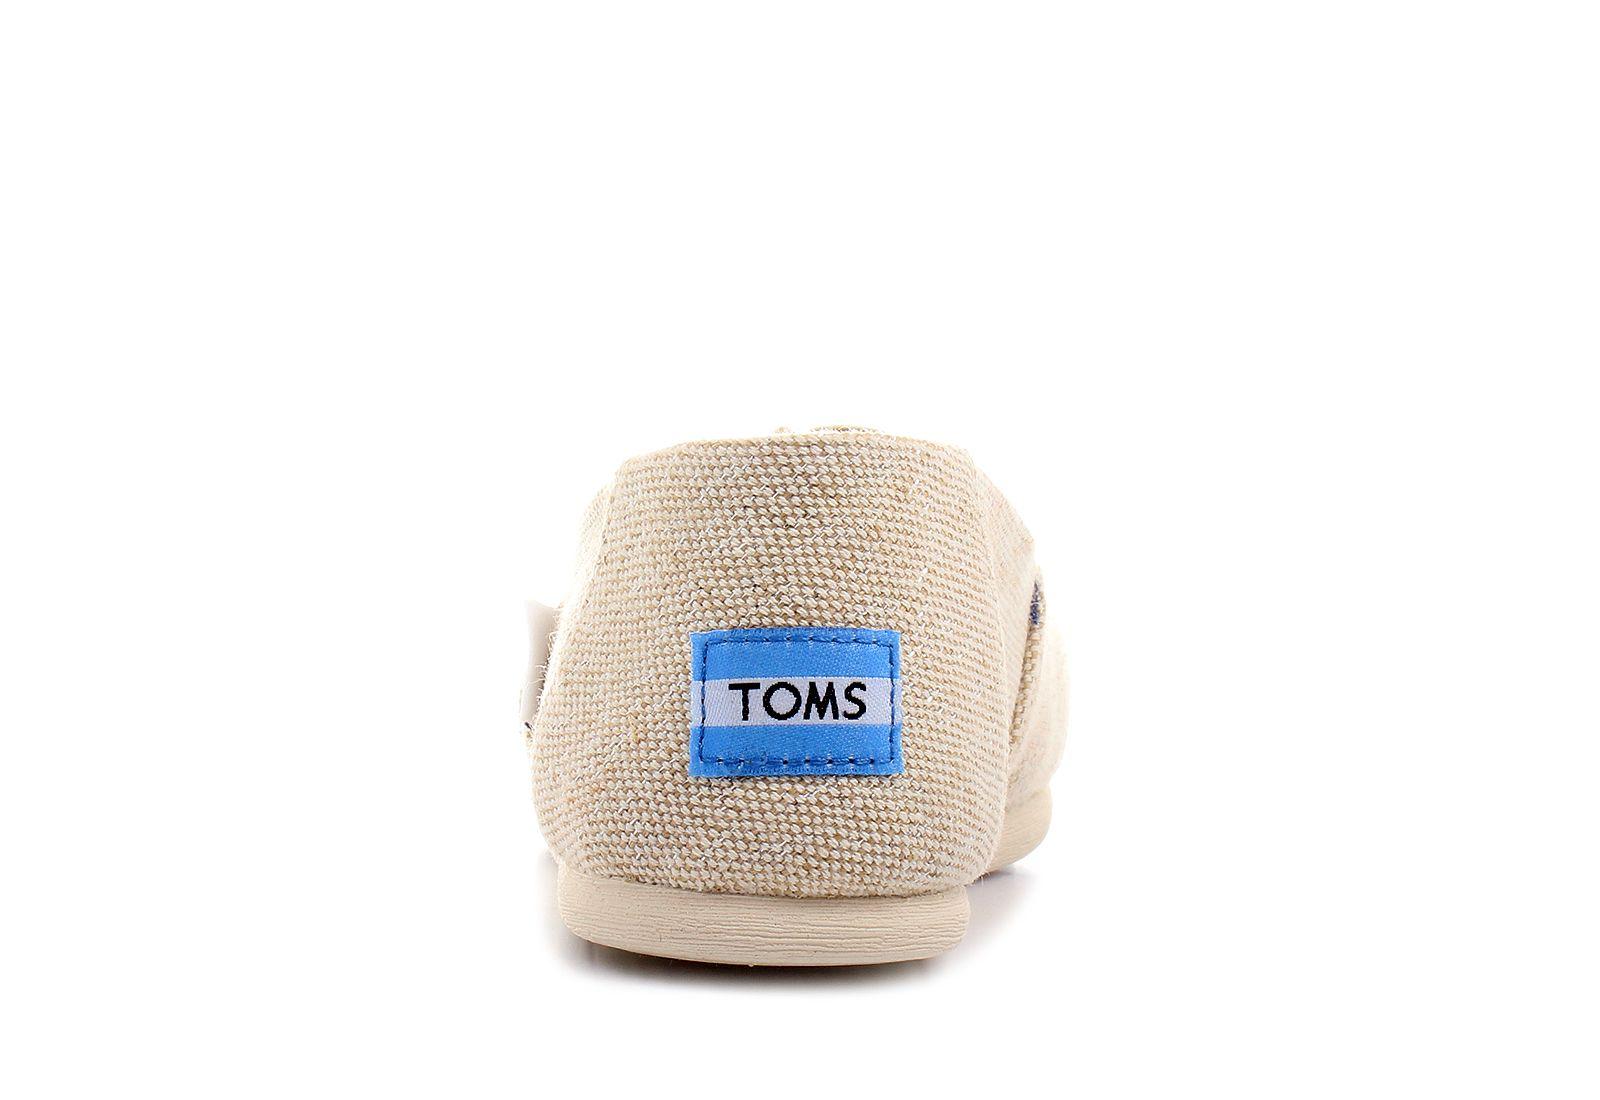 6a6c52058db Toms Shoes - Alpargata - 10009756-nat - Online shop for sneakers ...